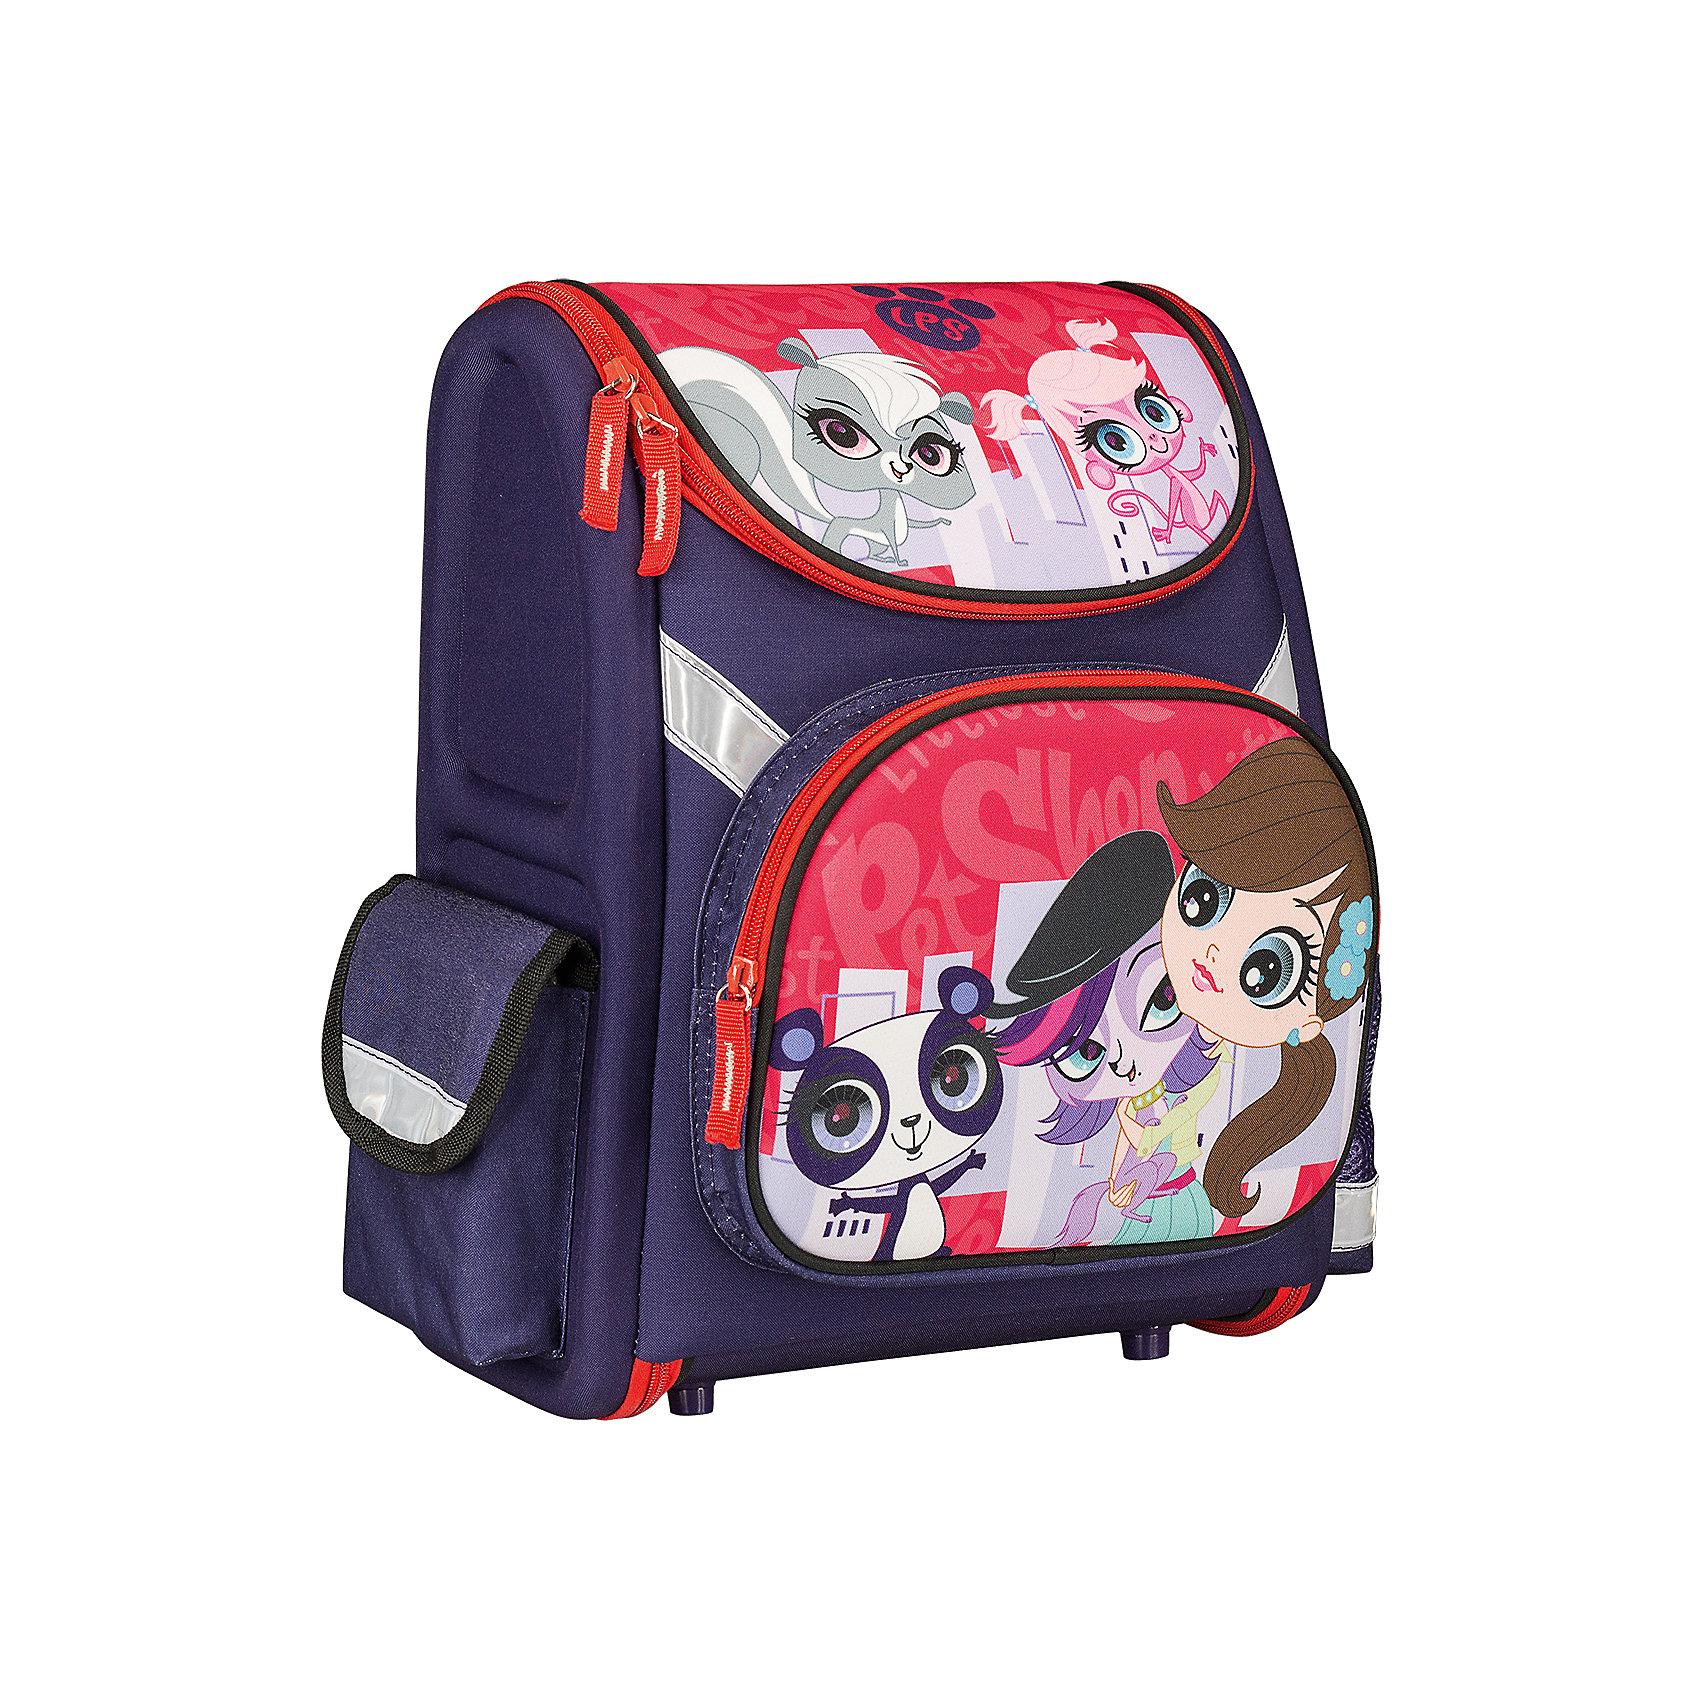 Школьный рюкзак, Littlest Pet ShopLittlest Pet Shop<br>Рюкзак Littlest Pet Shop - прекрасный вариант для школьных занятий. Рюкзак изготовлен из прочного полиэстера и имеет привлекательный для девочек дизайн в яркой расцветке с изображением забавных зверюшек из популярного мультсериала Маленький зоомагазин. Корпус<br>рюкзака, эргономичная спинка, дно и крышка изготовлены из современного материала EVA. Широкие анатомические лямки, регулируемые по длине, равномерно распределяют нагрузку на плечевой пояс. Также есть удобная прорезиненная ручка, за которую можно нести рюкзак. <br><br>Рюкзак закрывается на застежку-молнию, внутри одно просторное вместительное отделение с двумя разделителями и утягивающей резинкой. На лицевой стороне рюкзака расположен большой накладной карман, закрывающийся на молнию, также имеются карманы по бокам рюкзака.<br>Светоотражающие вставки повышают безопасность ребенка на дороге.<br><br><br>Дополнительная информация:<br><br>- Материал: полиэстер.  <br>- Размер: 35 х 31 х 14 см.<br>- Вес: 0,83 кг.<br><br>Рюкзак, Littlest Pet Shop, можно купить в нашем интернет-магазине.<br><br>Ширина мм: 310<br>Глубина мм: 140<br>Высота мм: 350<br>Вес г: 830<br>Возраст от месяцев: 72<br>Возраст до месяцев: 144<br>Пол: Женский<br>Возраст: Детский<br>SKU: 4681142